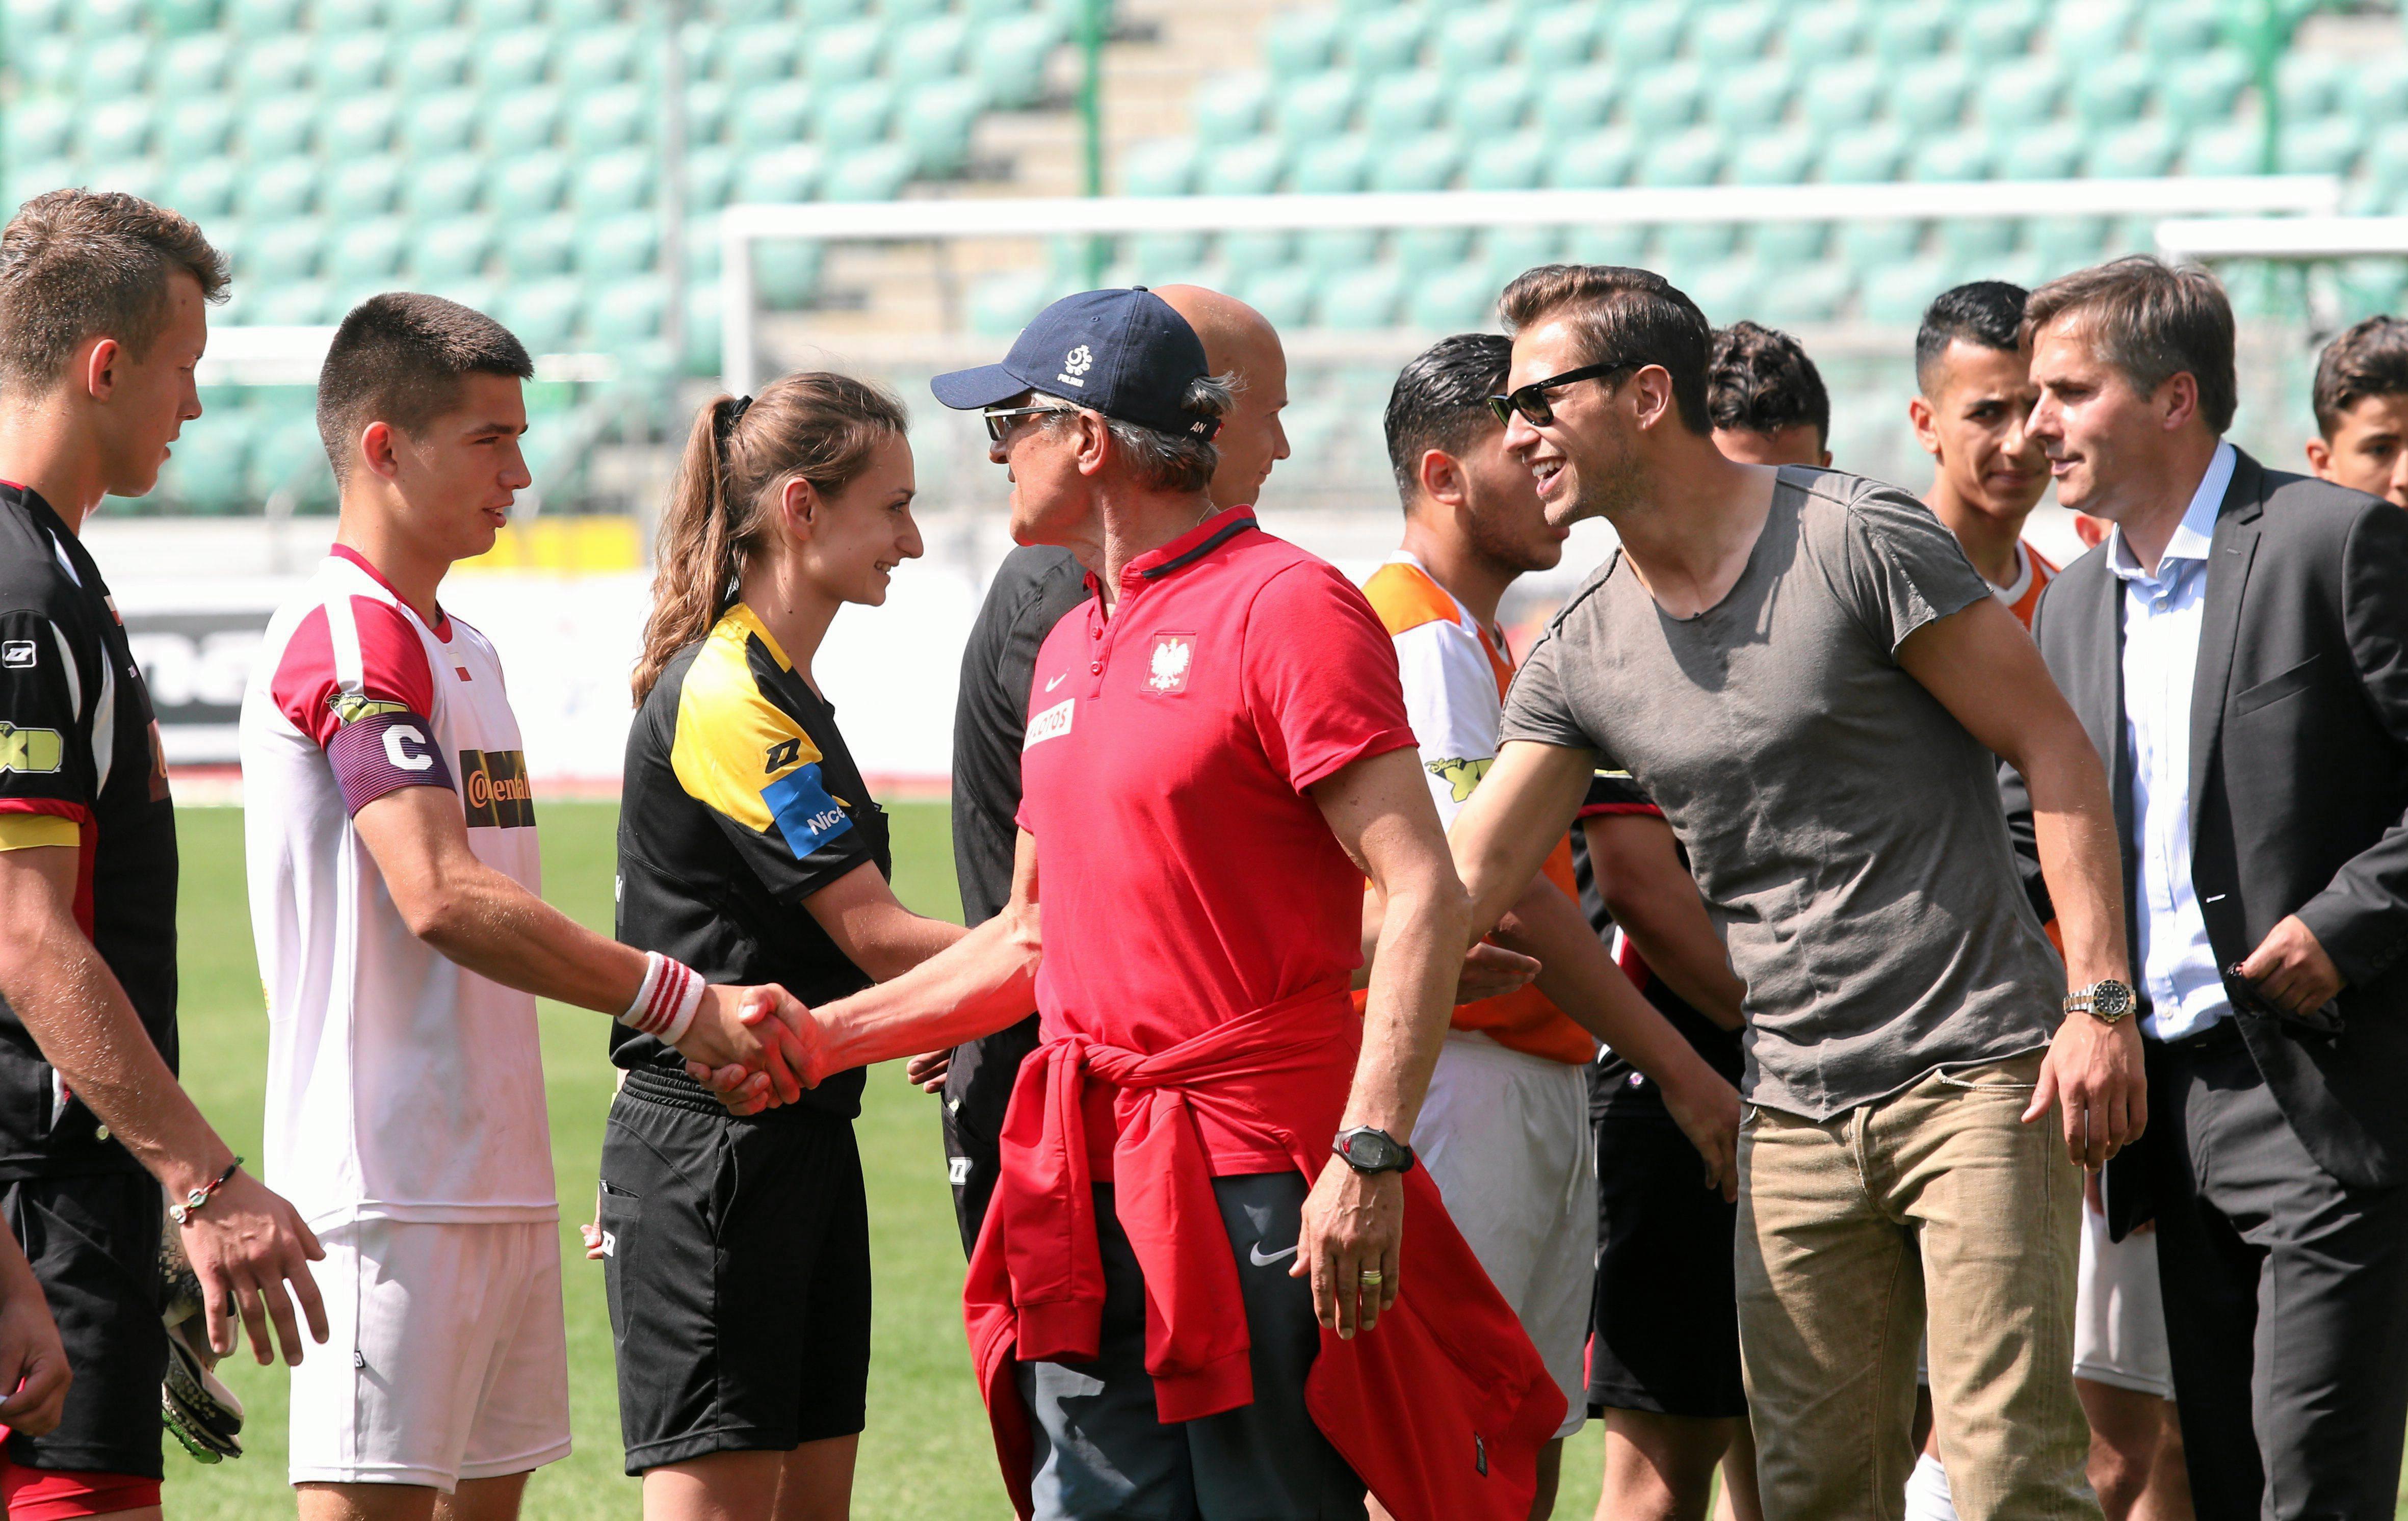 Przed meczem finałowym Mistrzostw Świata Domów Dziecka. Marta Lau wita się z Grzegorzem Krychowiakiem (Fot . Kuba Atys / Agencja Gazeta)